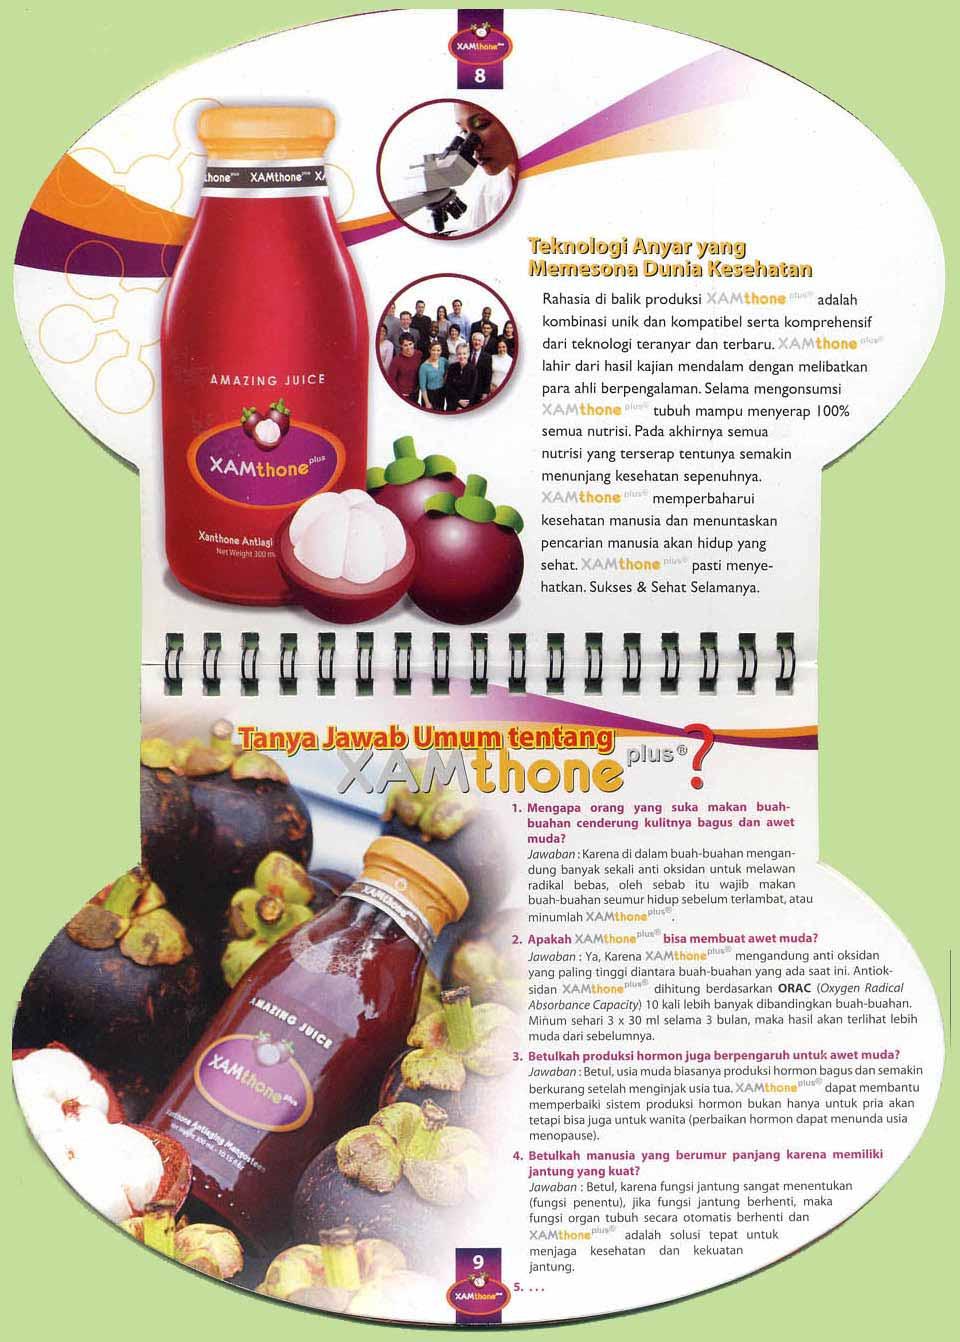 Manfaat Kulit Manggis Xamthone Plus